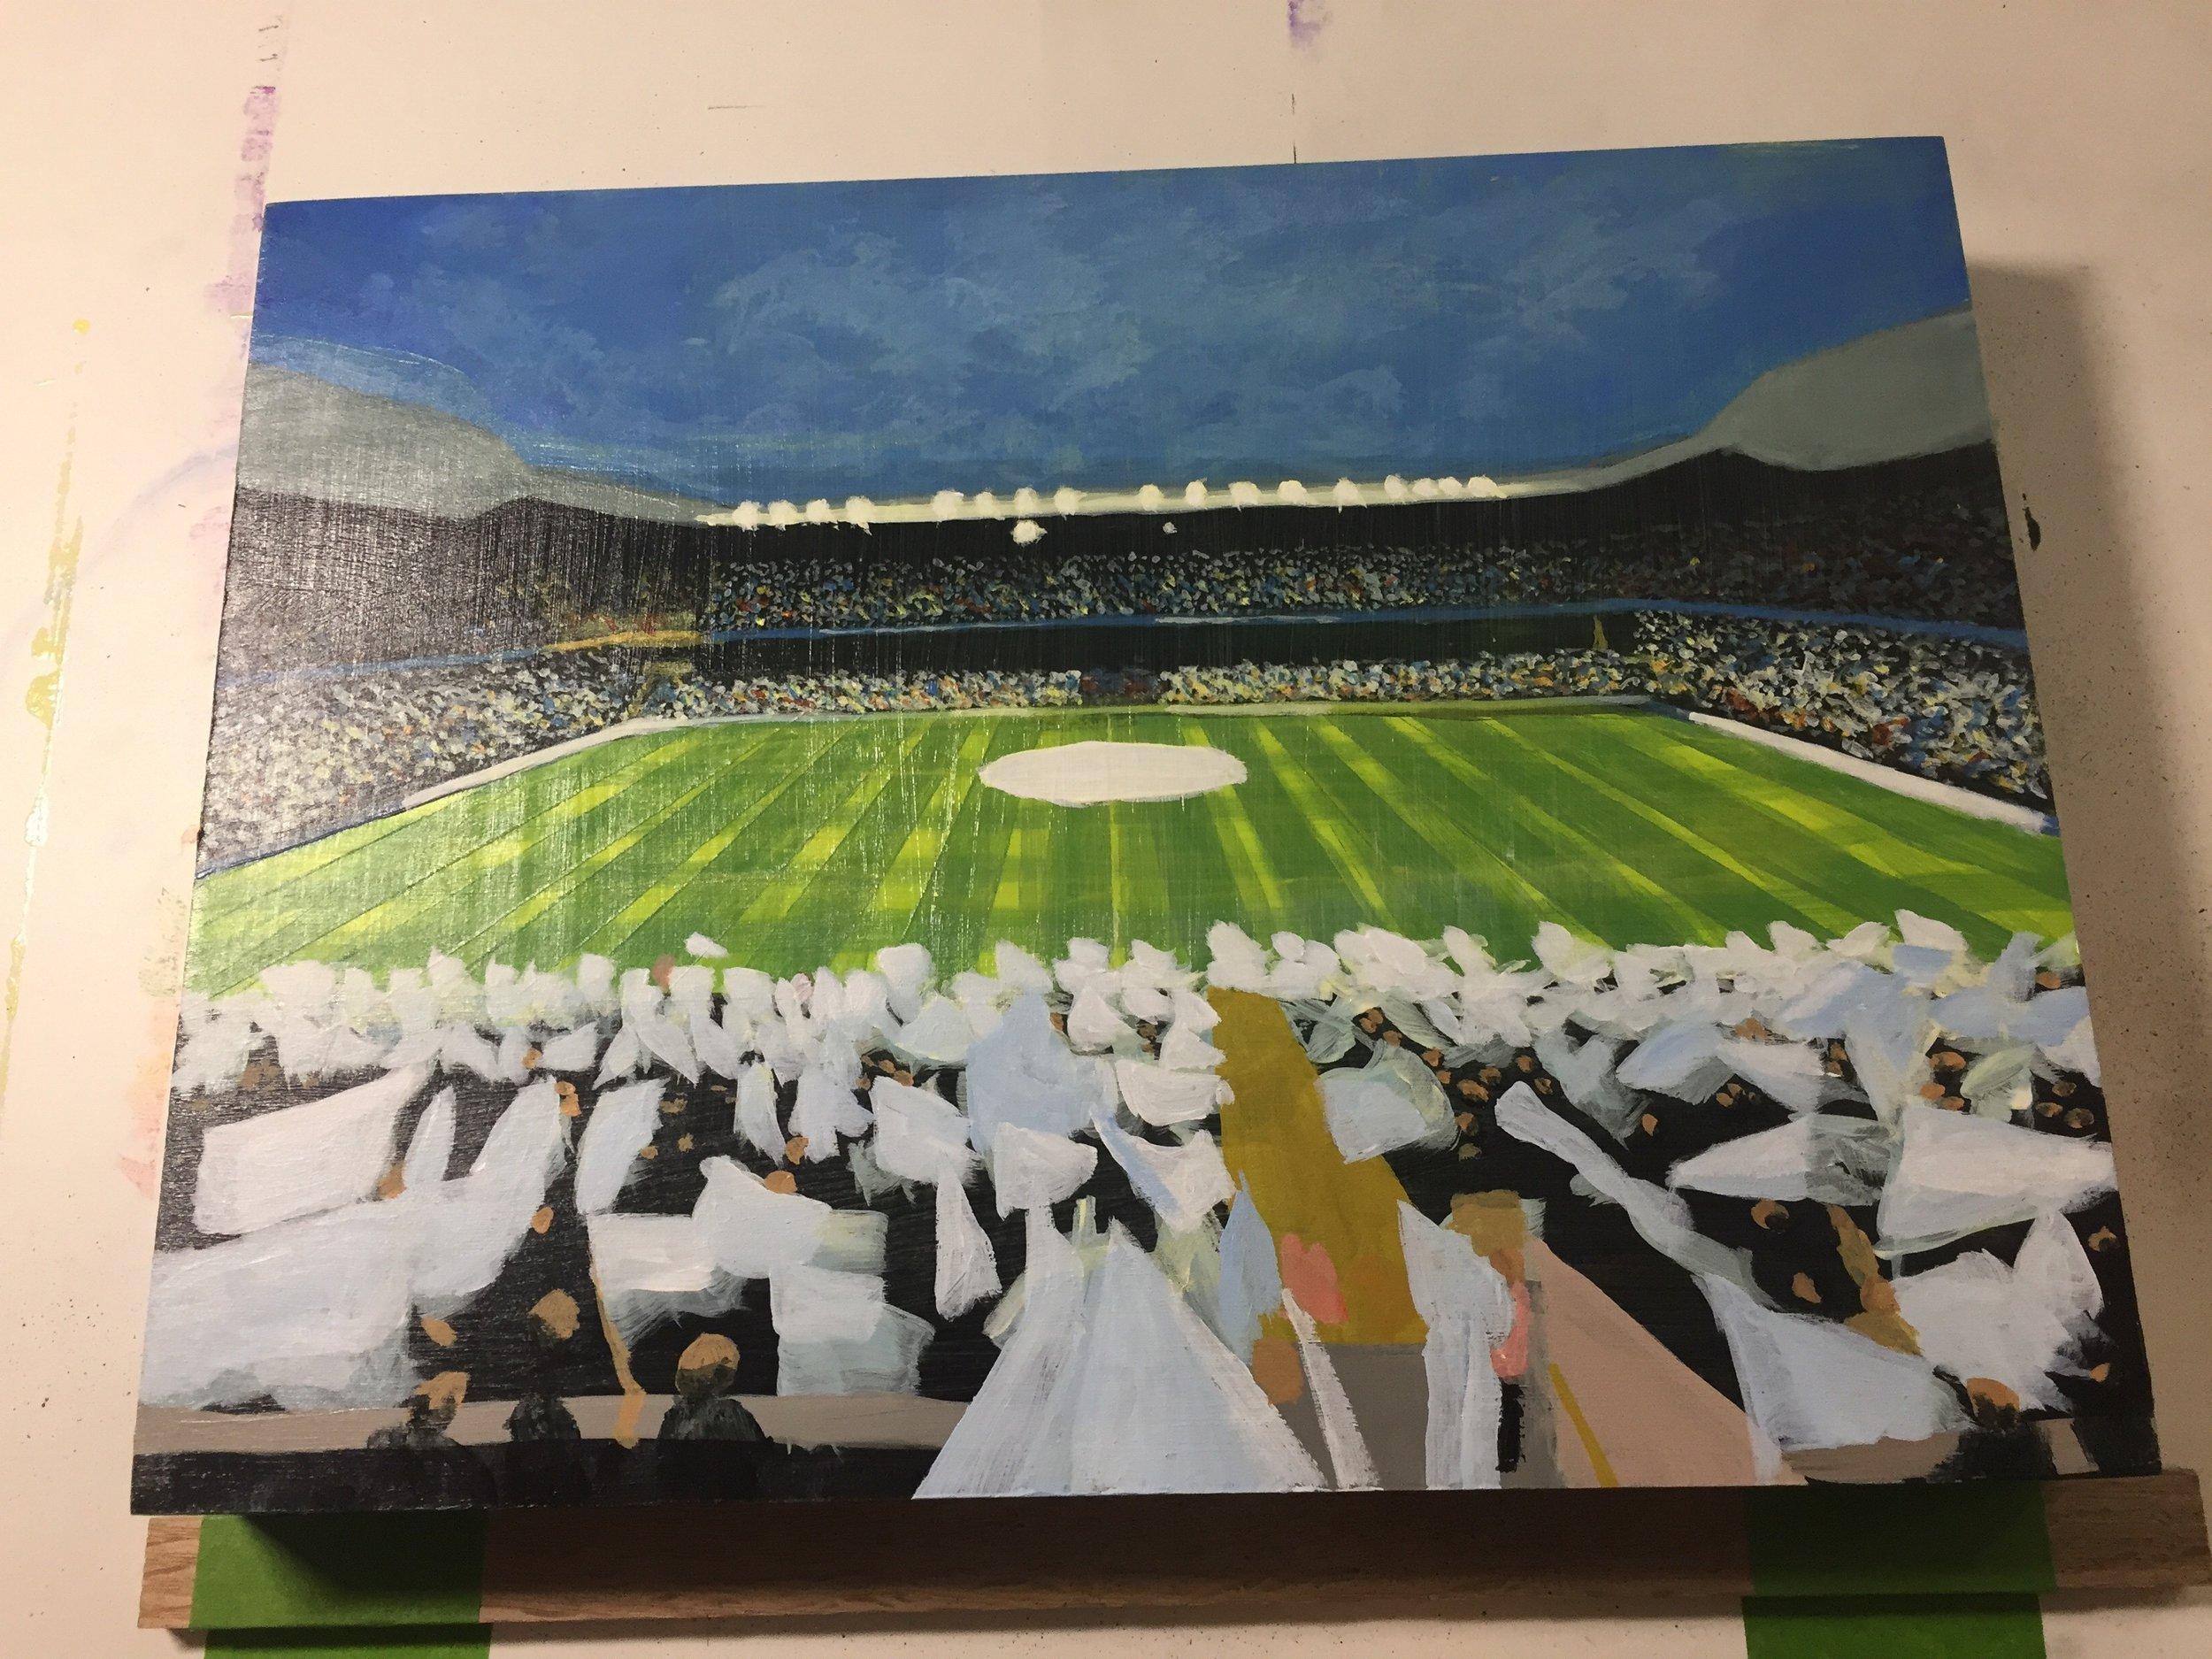 PyschedelicBreakfast's favorite soccer team, Tottenham Hotspur's, stadium. WIP